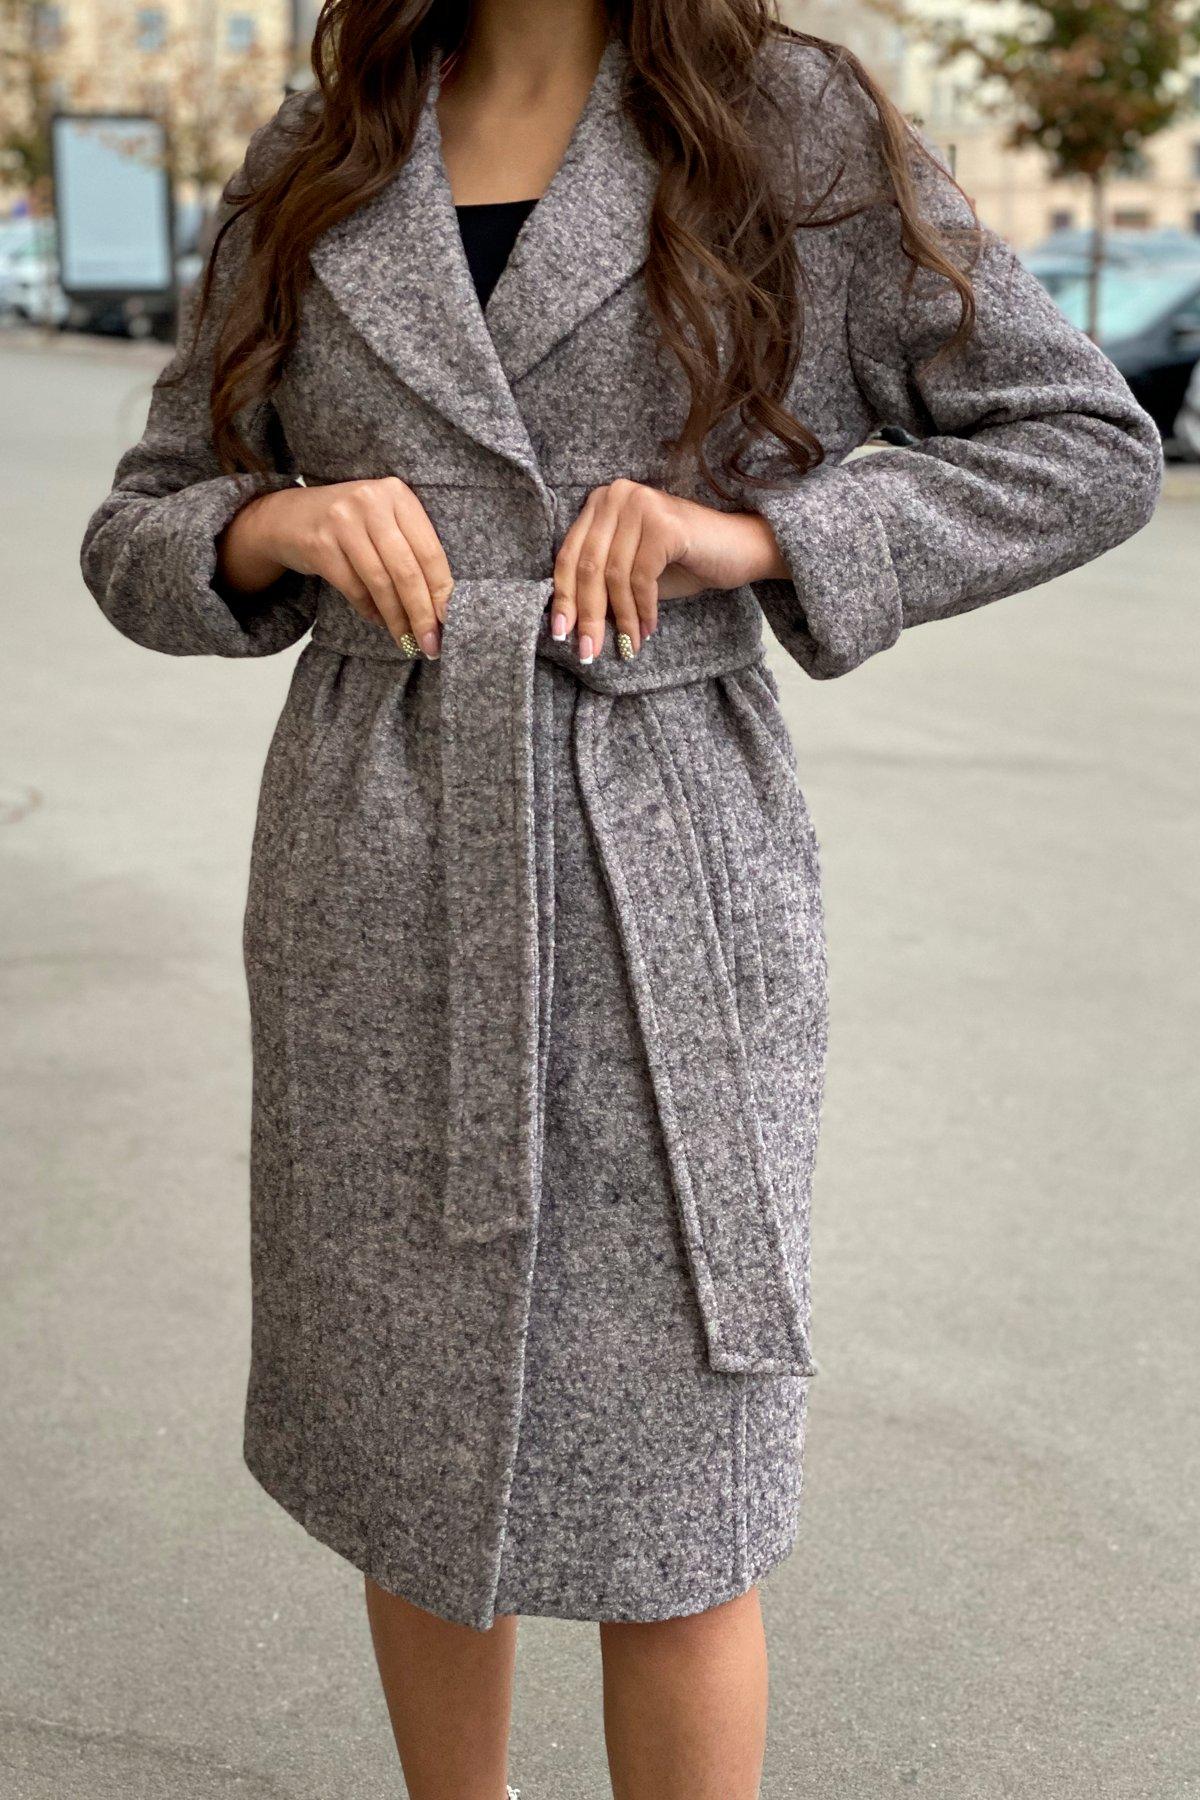 Пальто весна-осень c приспущенной линией плеча Фентези лайт 6365 АРТ. 41230 Цвет: Серо-розовый LW-25 - фото 1, интернет магазин tm-modus.ru